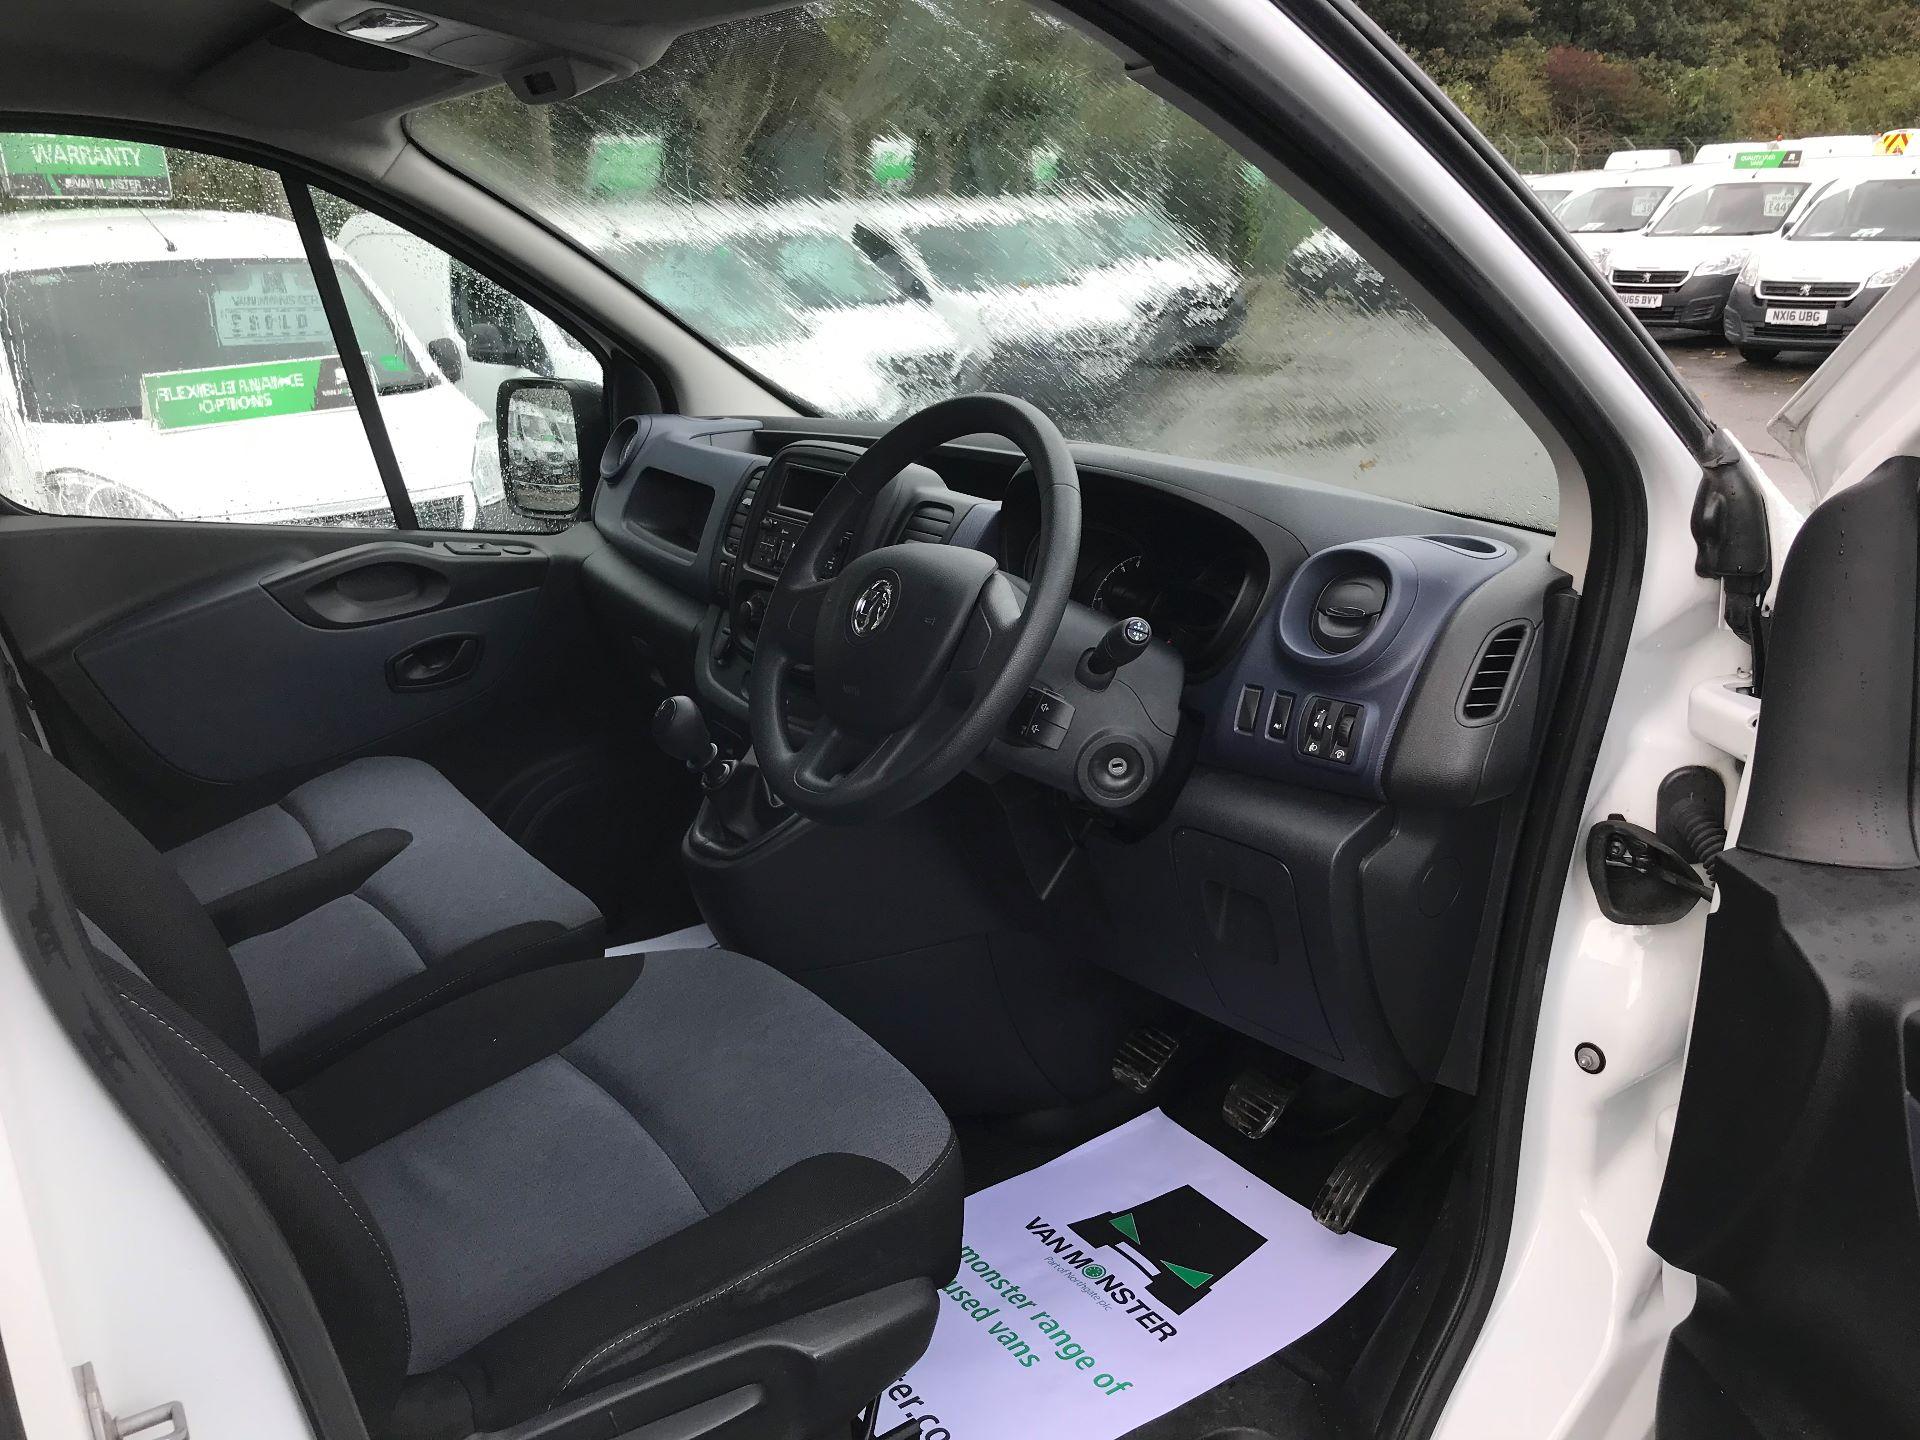 2017 Vauxhall Vivaro L2 H1 2900 1.6CDTI 120PS EURO 6 (DV67WJG) Image 18